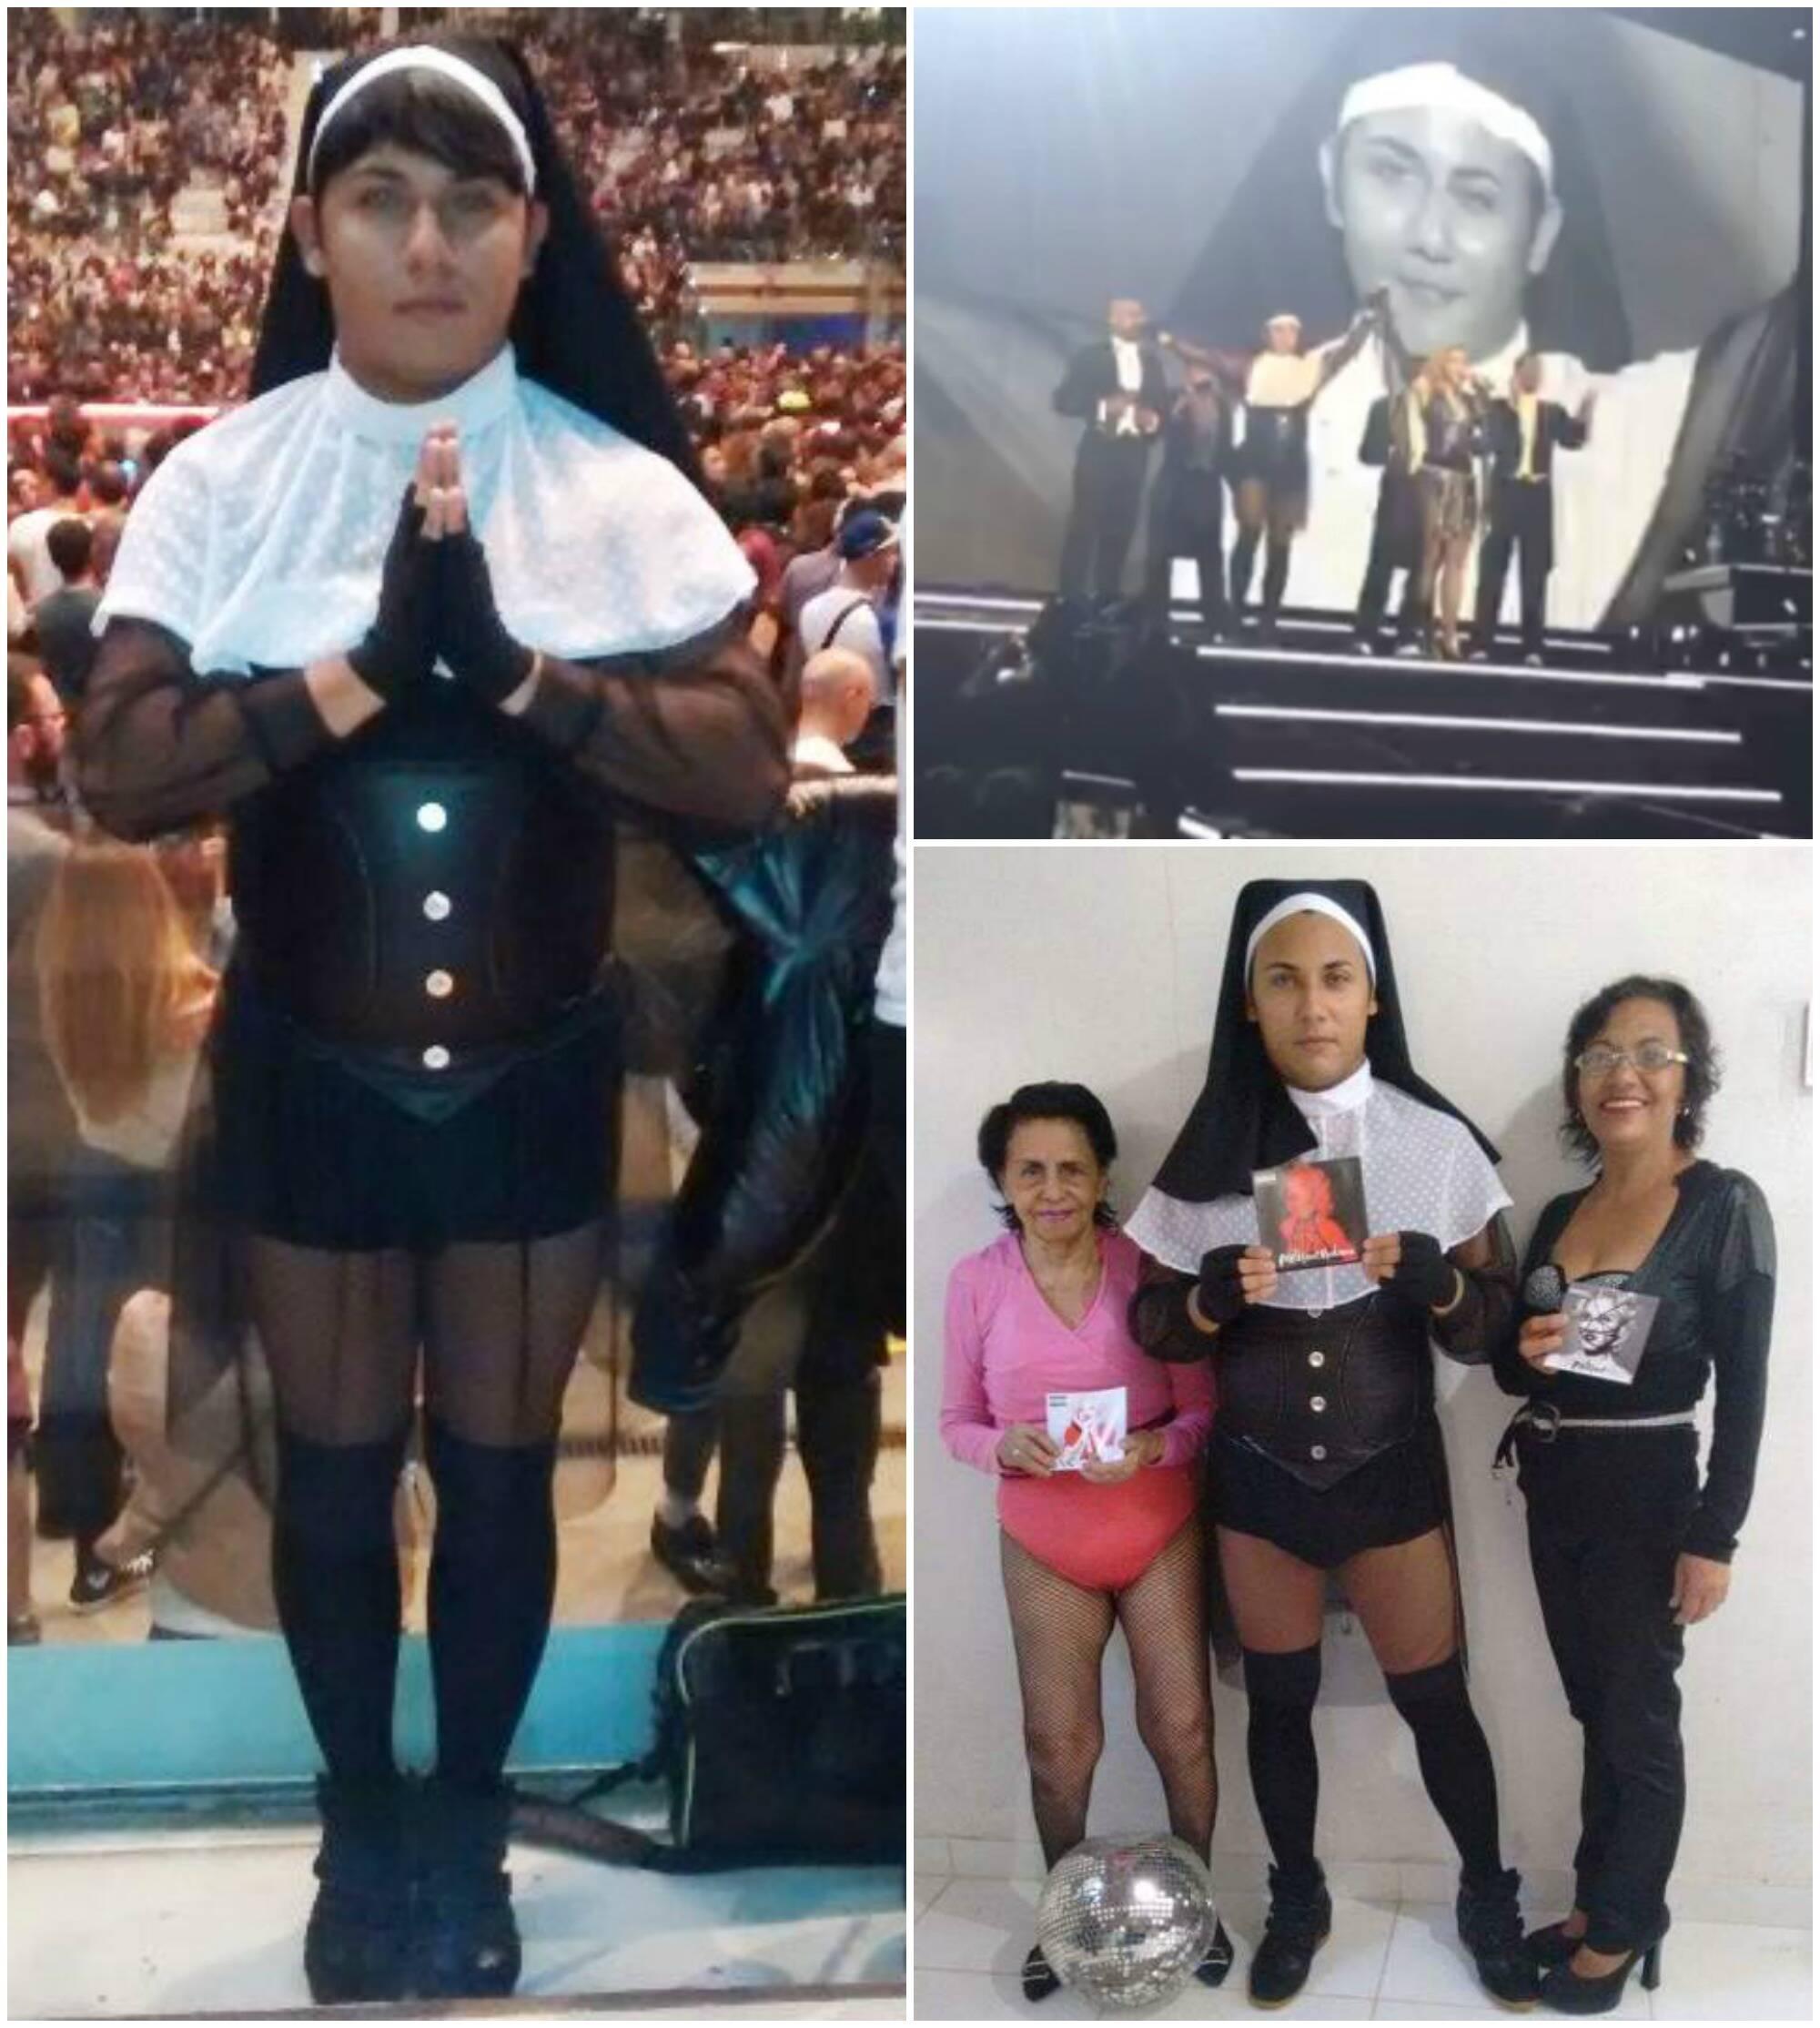 Em sentido horário, Madoninho antes do show começar em Turim; no palco com Madonna; a foto com sua avó e com sua mãe, com que ele foi vítima de bullyng nas redes sociais / Fotos: reprodução da internet e whatsapp